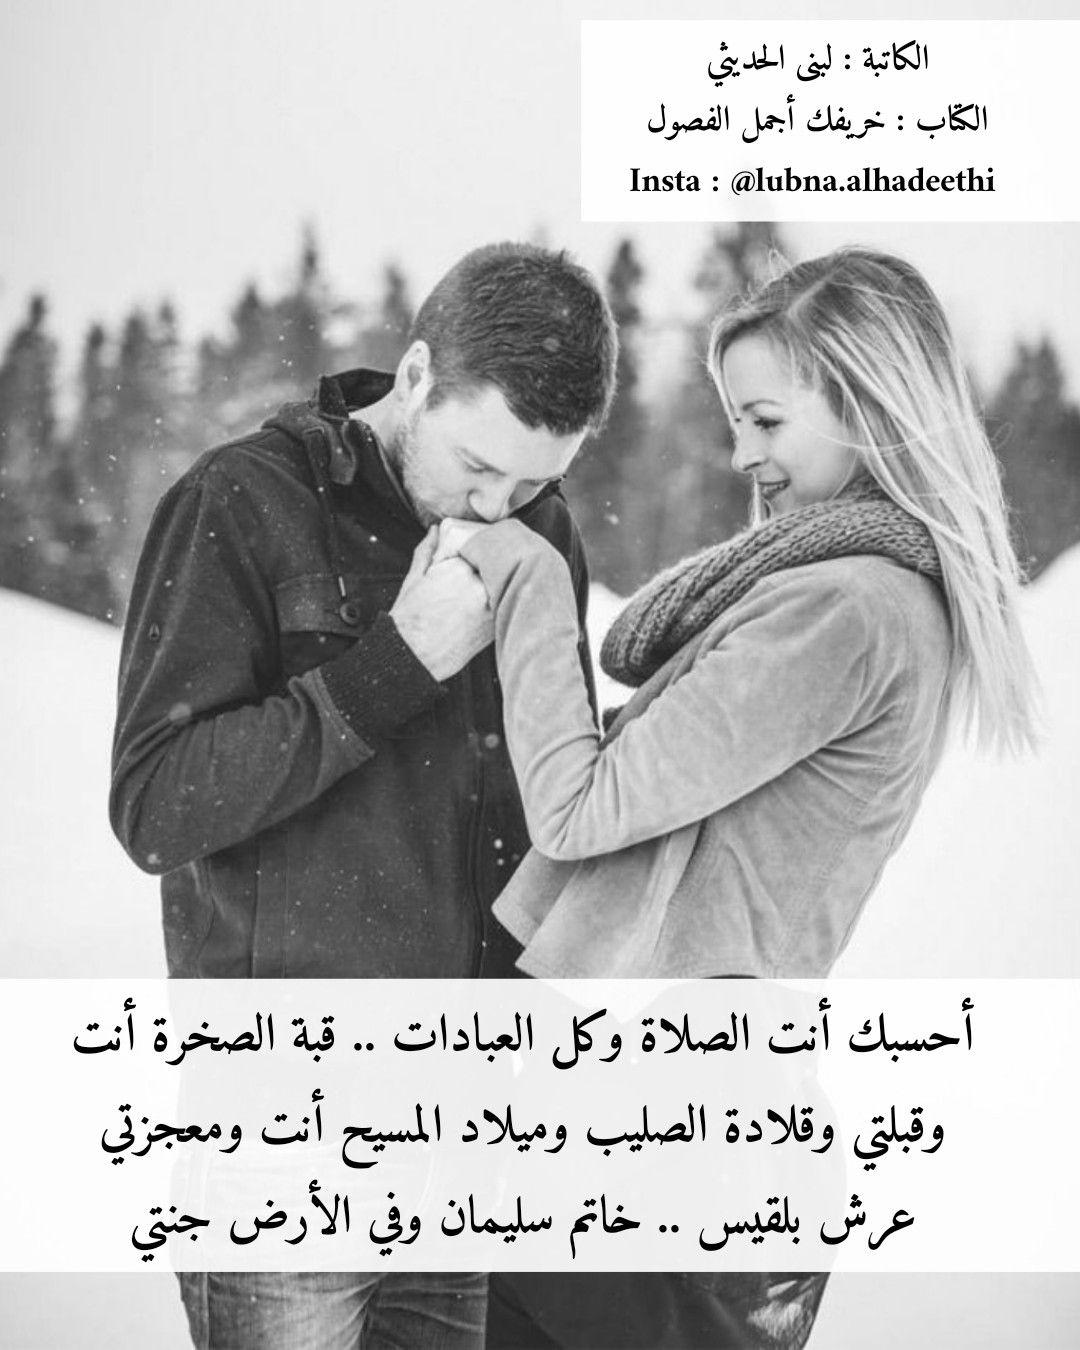 خريفك أجمل الفصول لبنى الحديثي حب اهتمام رومانسية كلمات عشق اهمال أحبك حبيبي اشتياق وفاء خيانة قلب Couple Photos Quotes Scenes